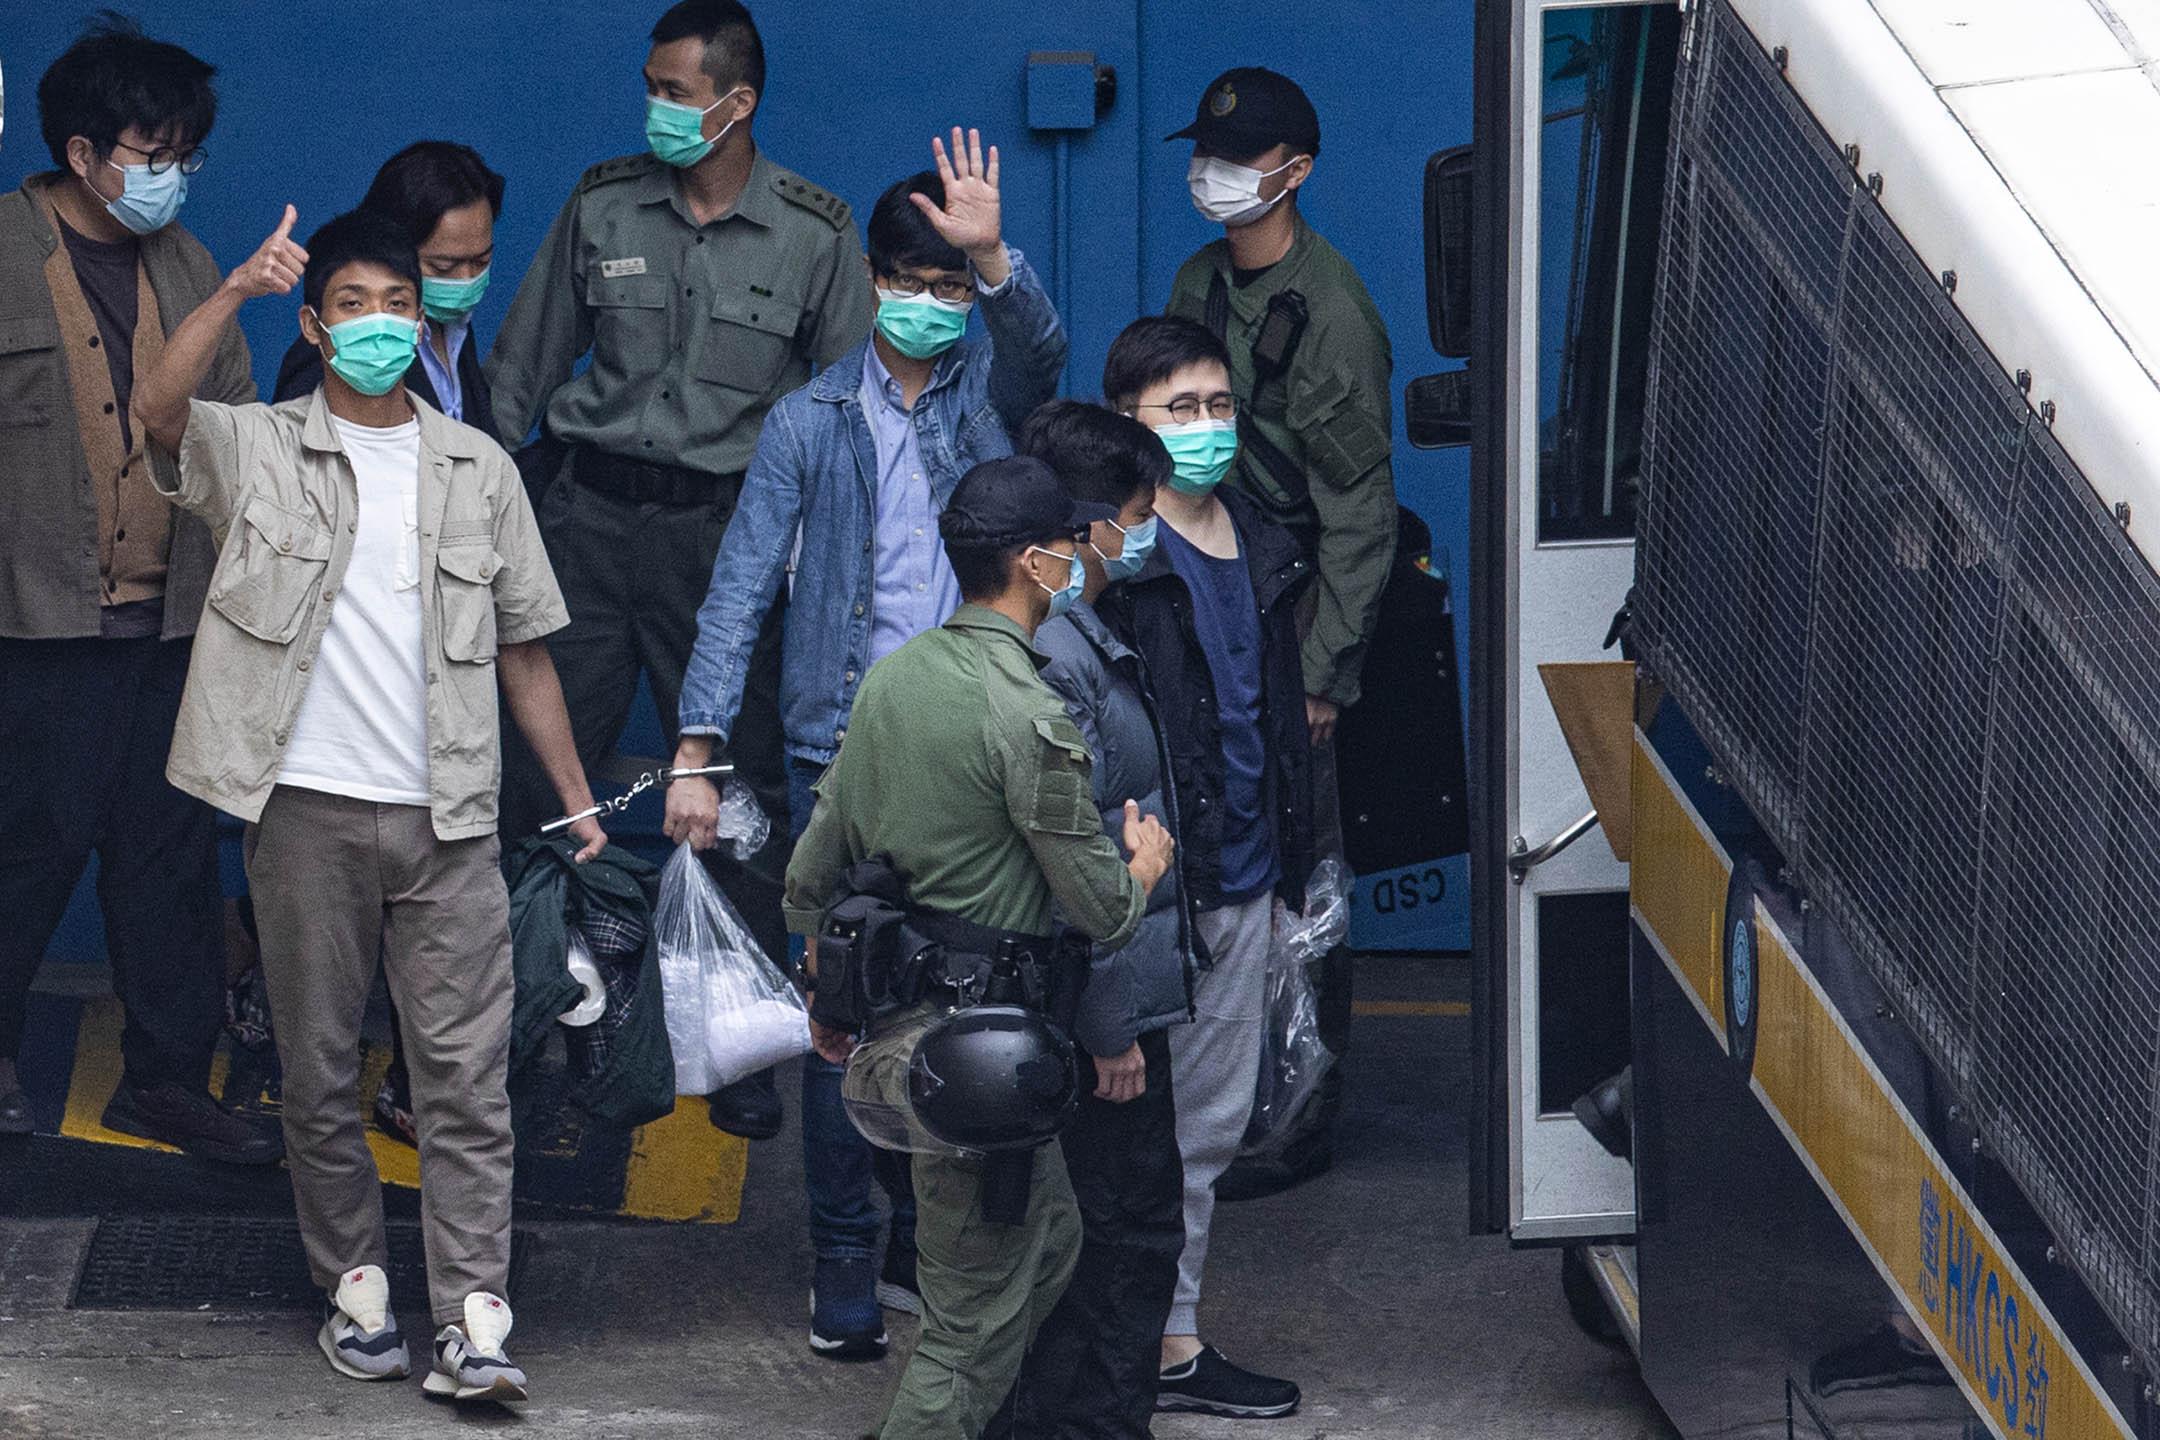 2021年3月3日荔枝角收押所,各被告步上囚車前往西九裁判法院。